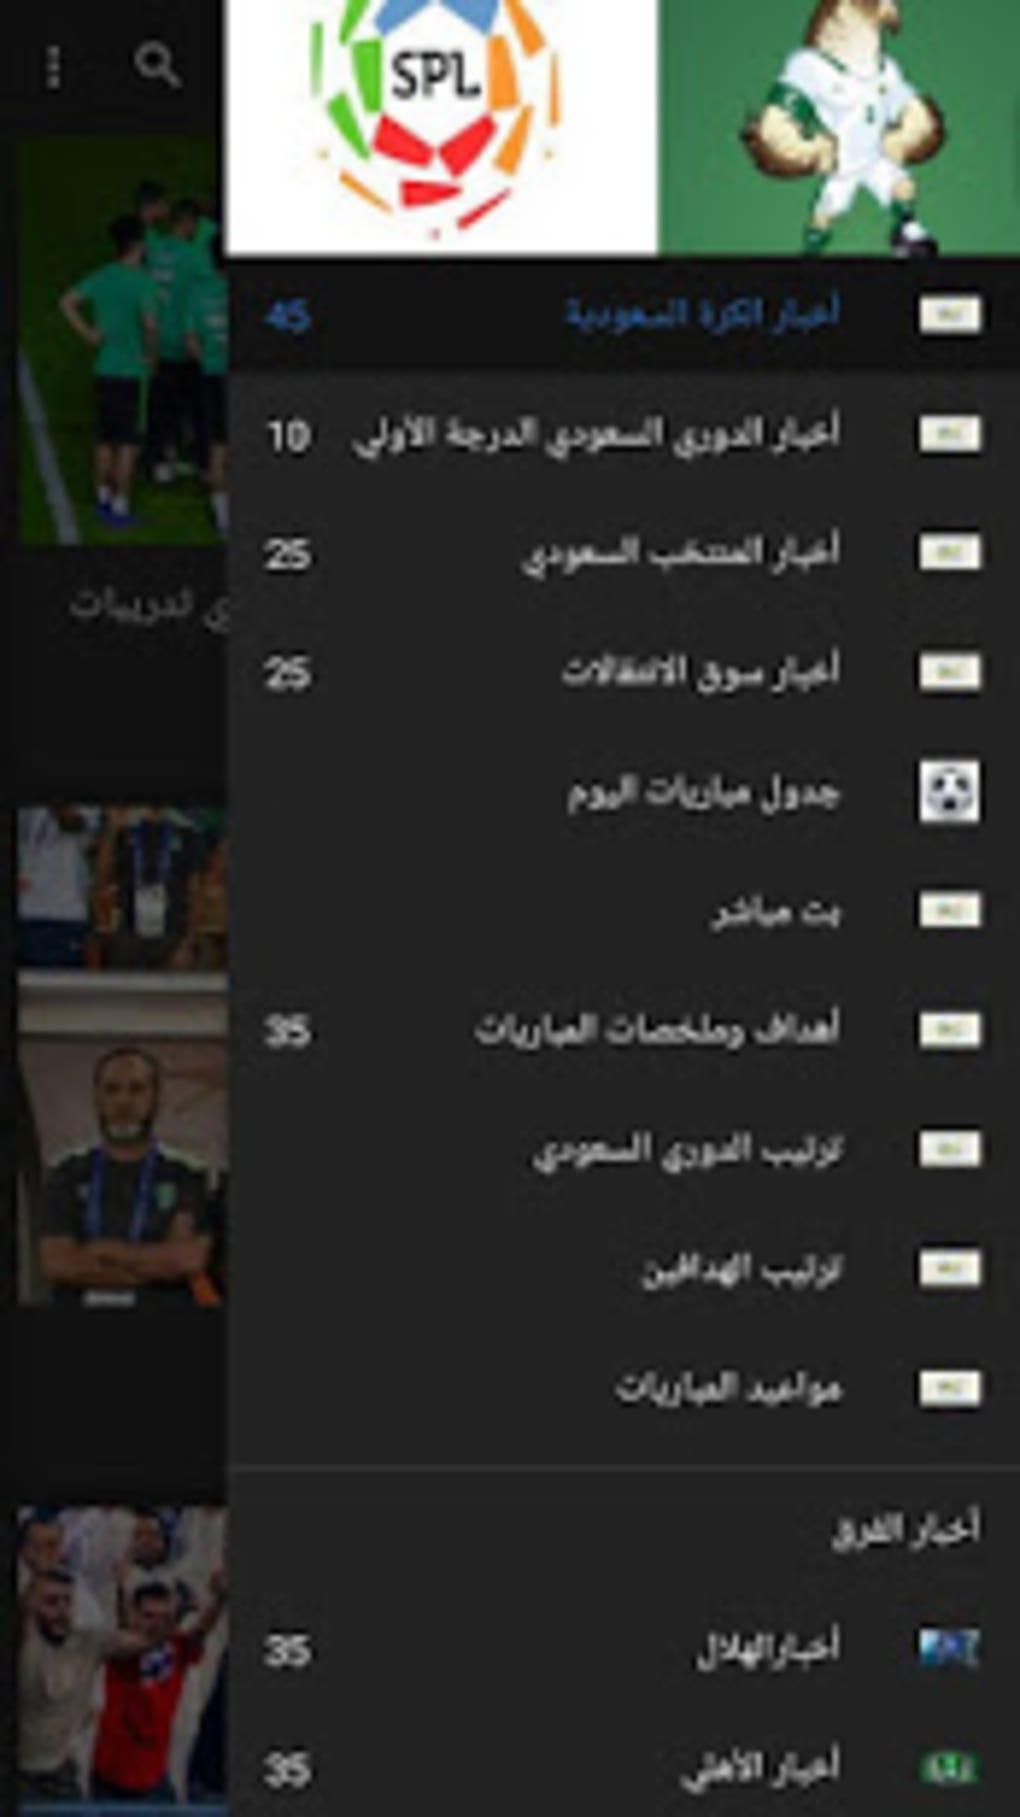 الدوري السعودي أخبار نتائج مواعيد المباريات لنظام Android